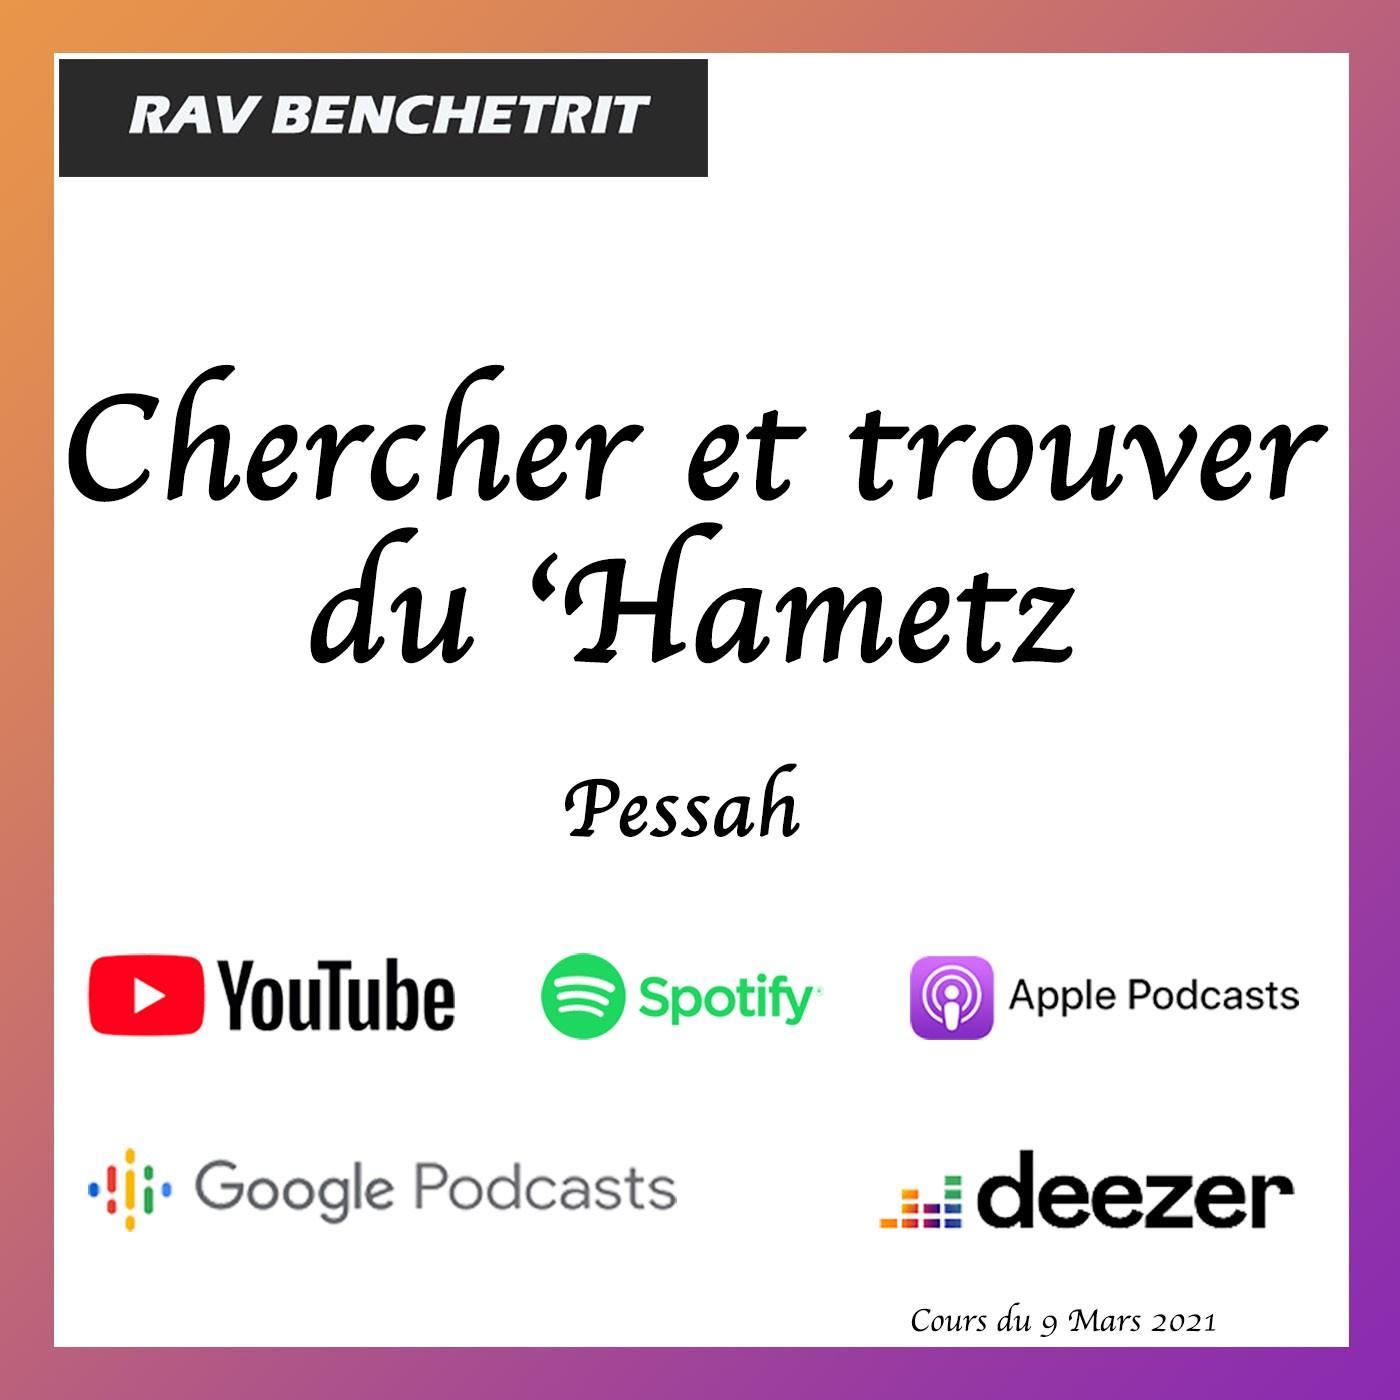 Chercher et trouver du 'Hametz